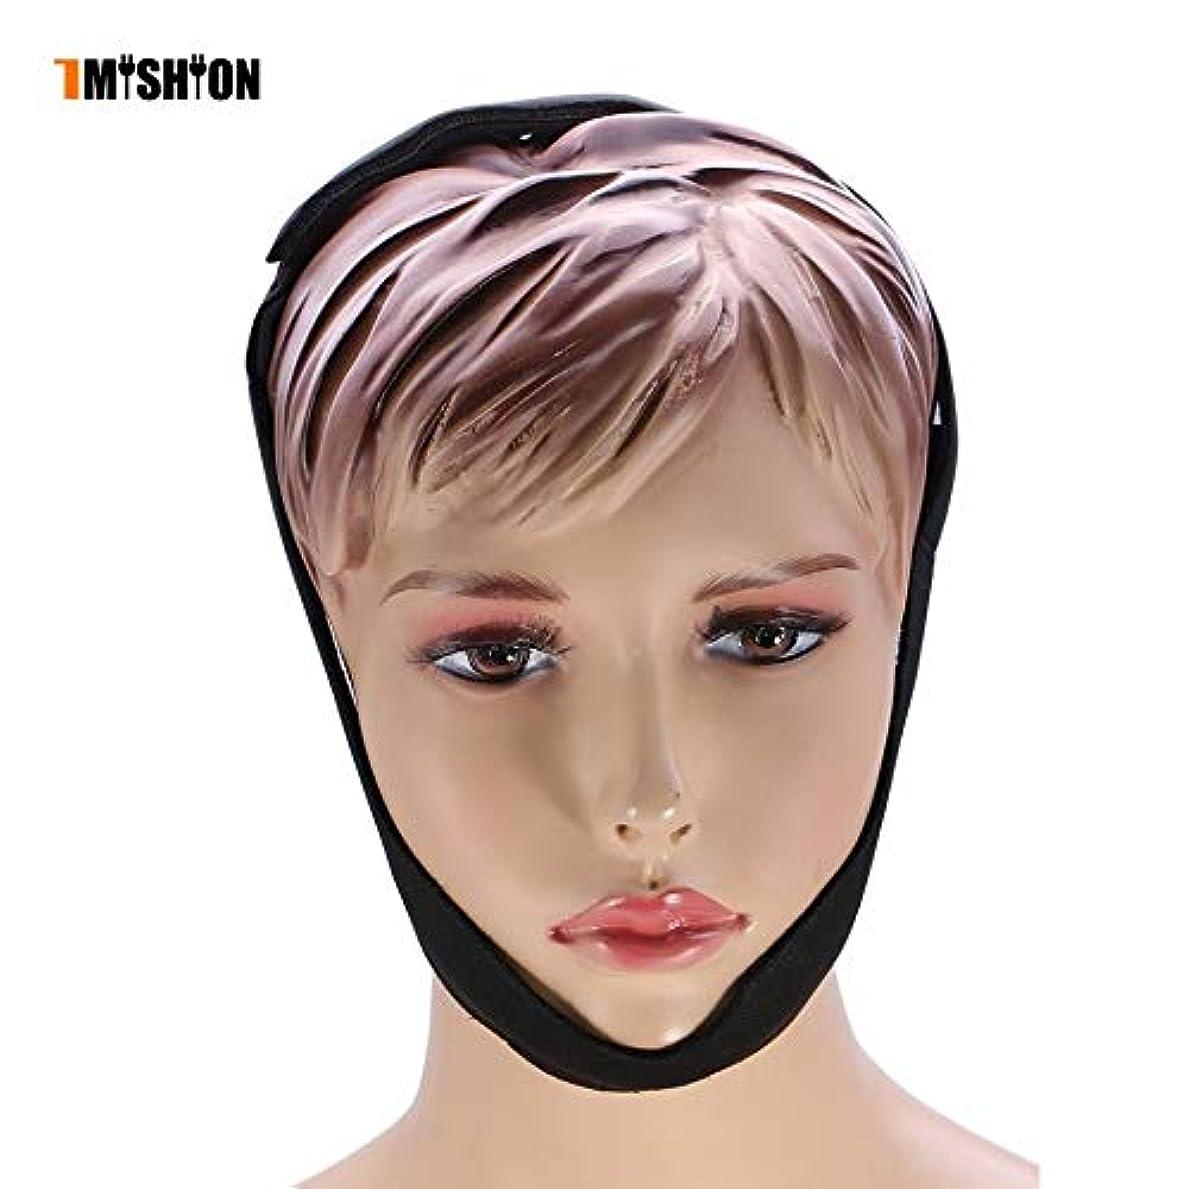 心から拮抗力NOTE 2種類の睡眠マスク新しい抗いびきいびき救済停止ストラップあご顎睡眠サポートベルト